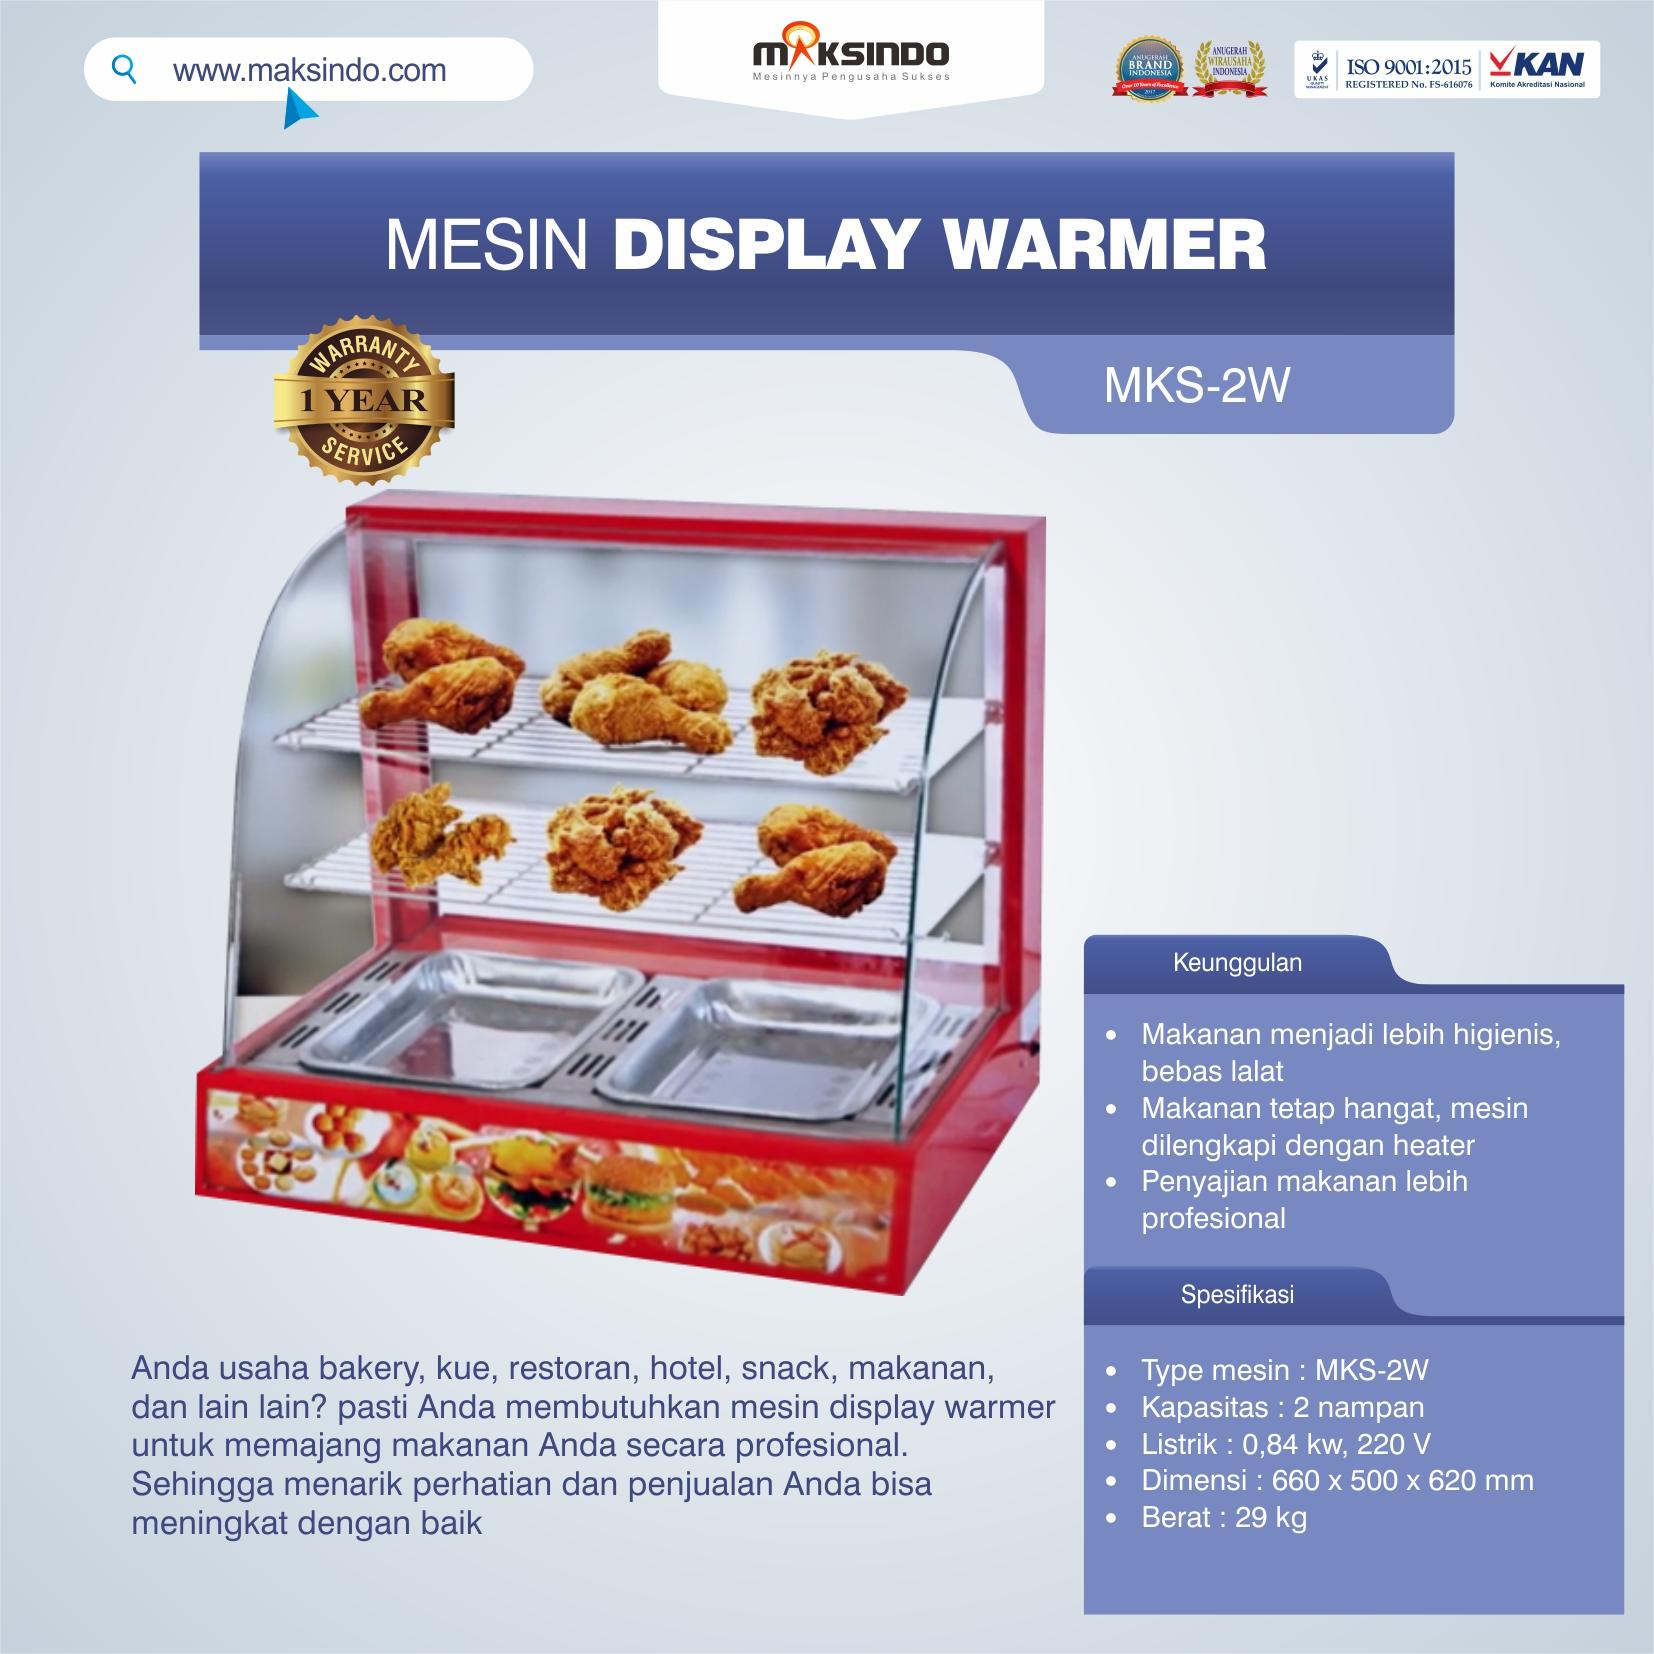 Jual Mesin Diplay Warmer (MKS-2W) di Bandung